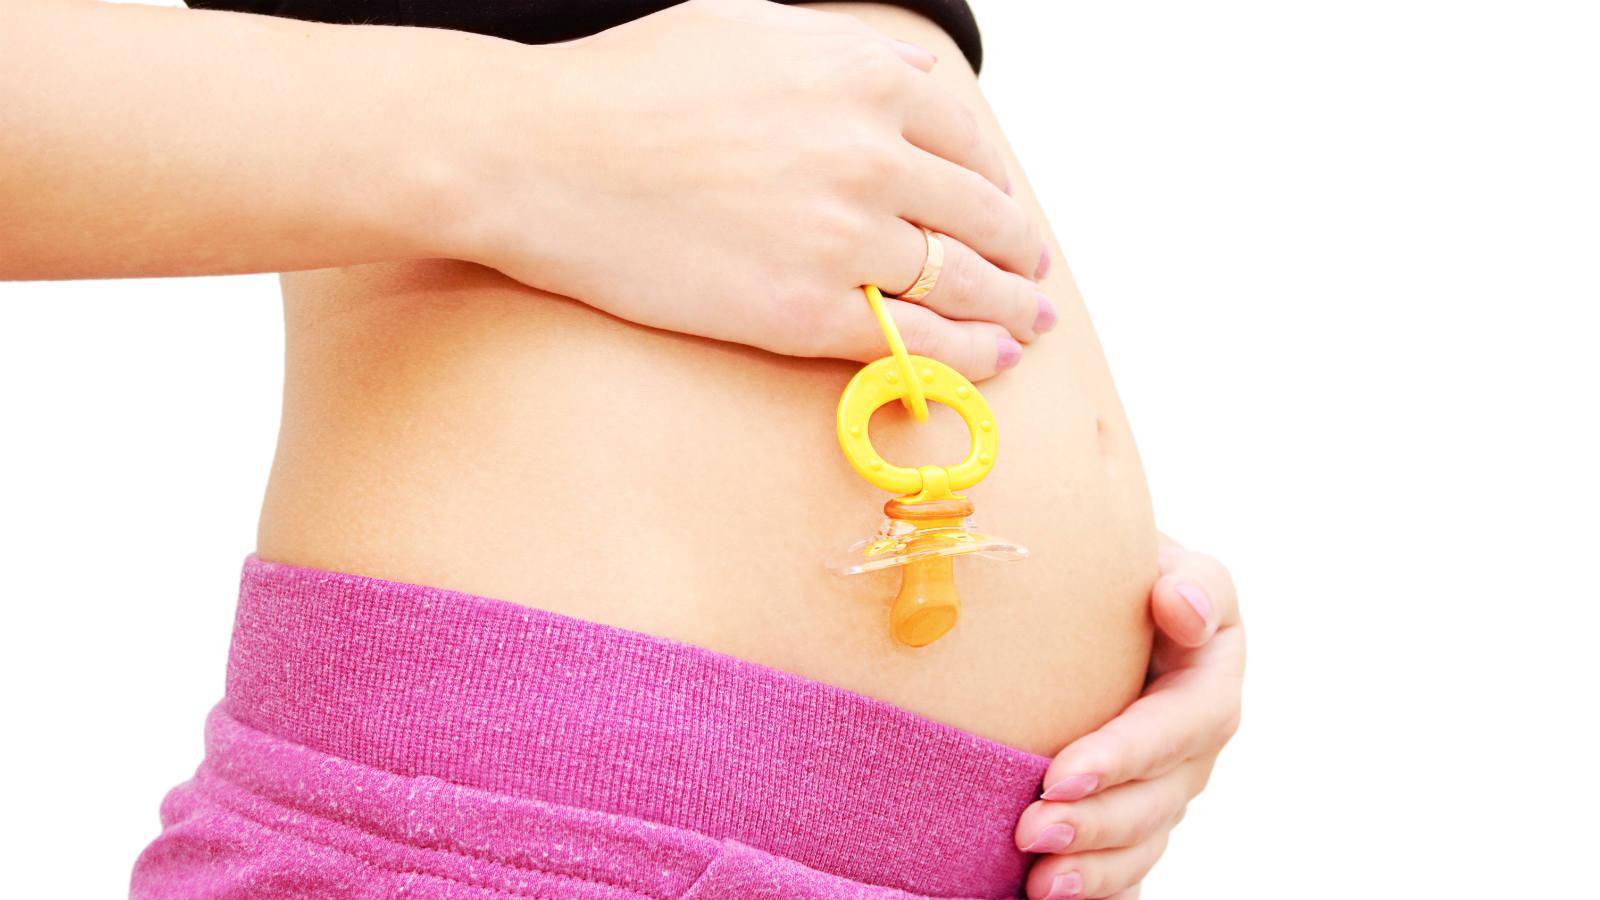 Quarto mese di gravidanza